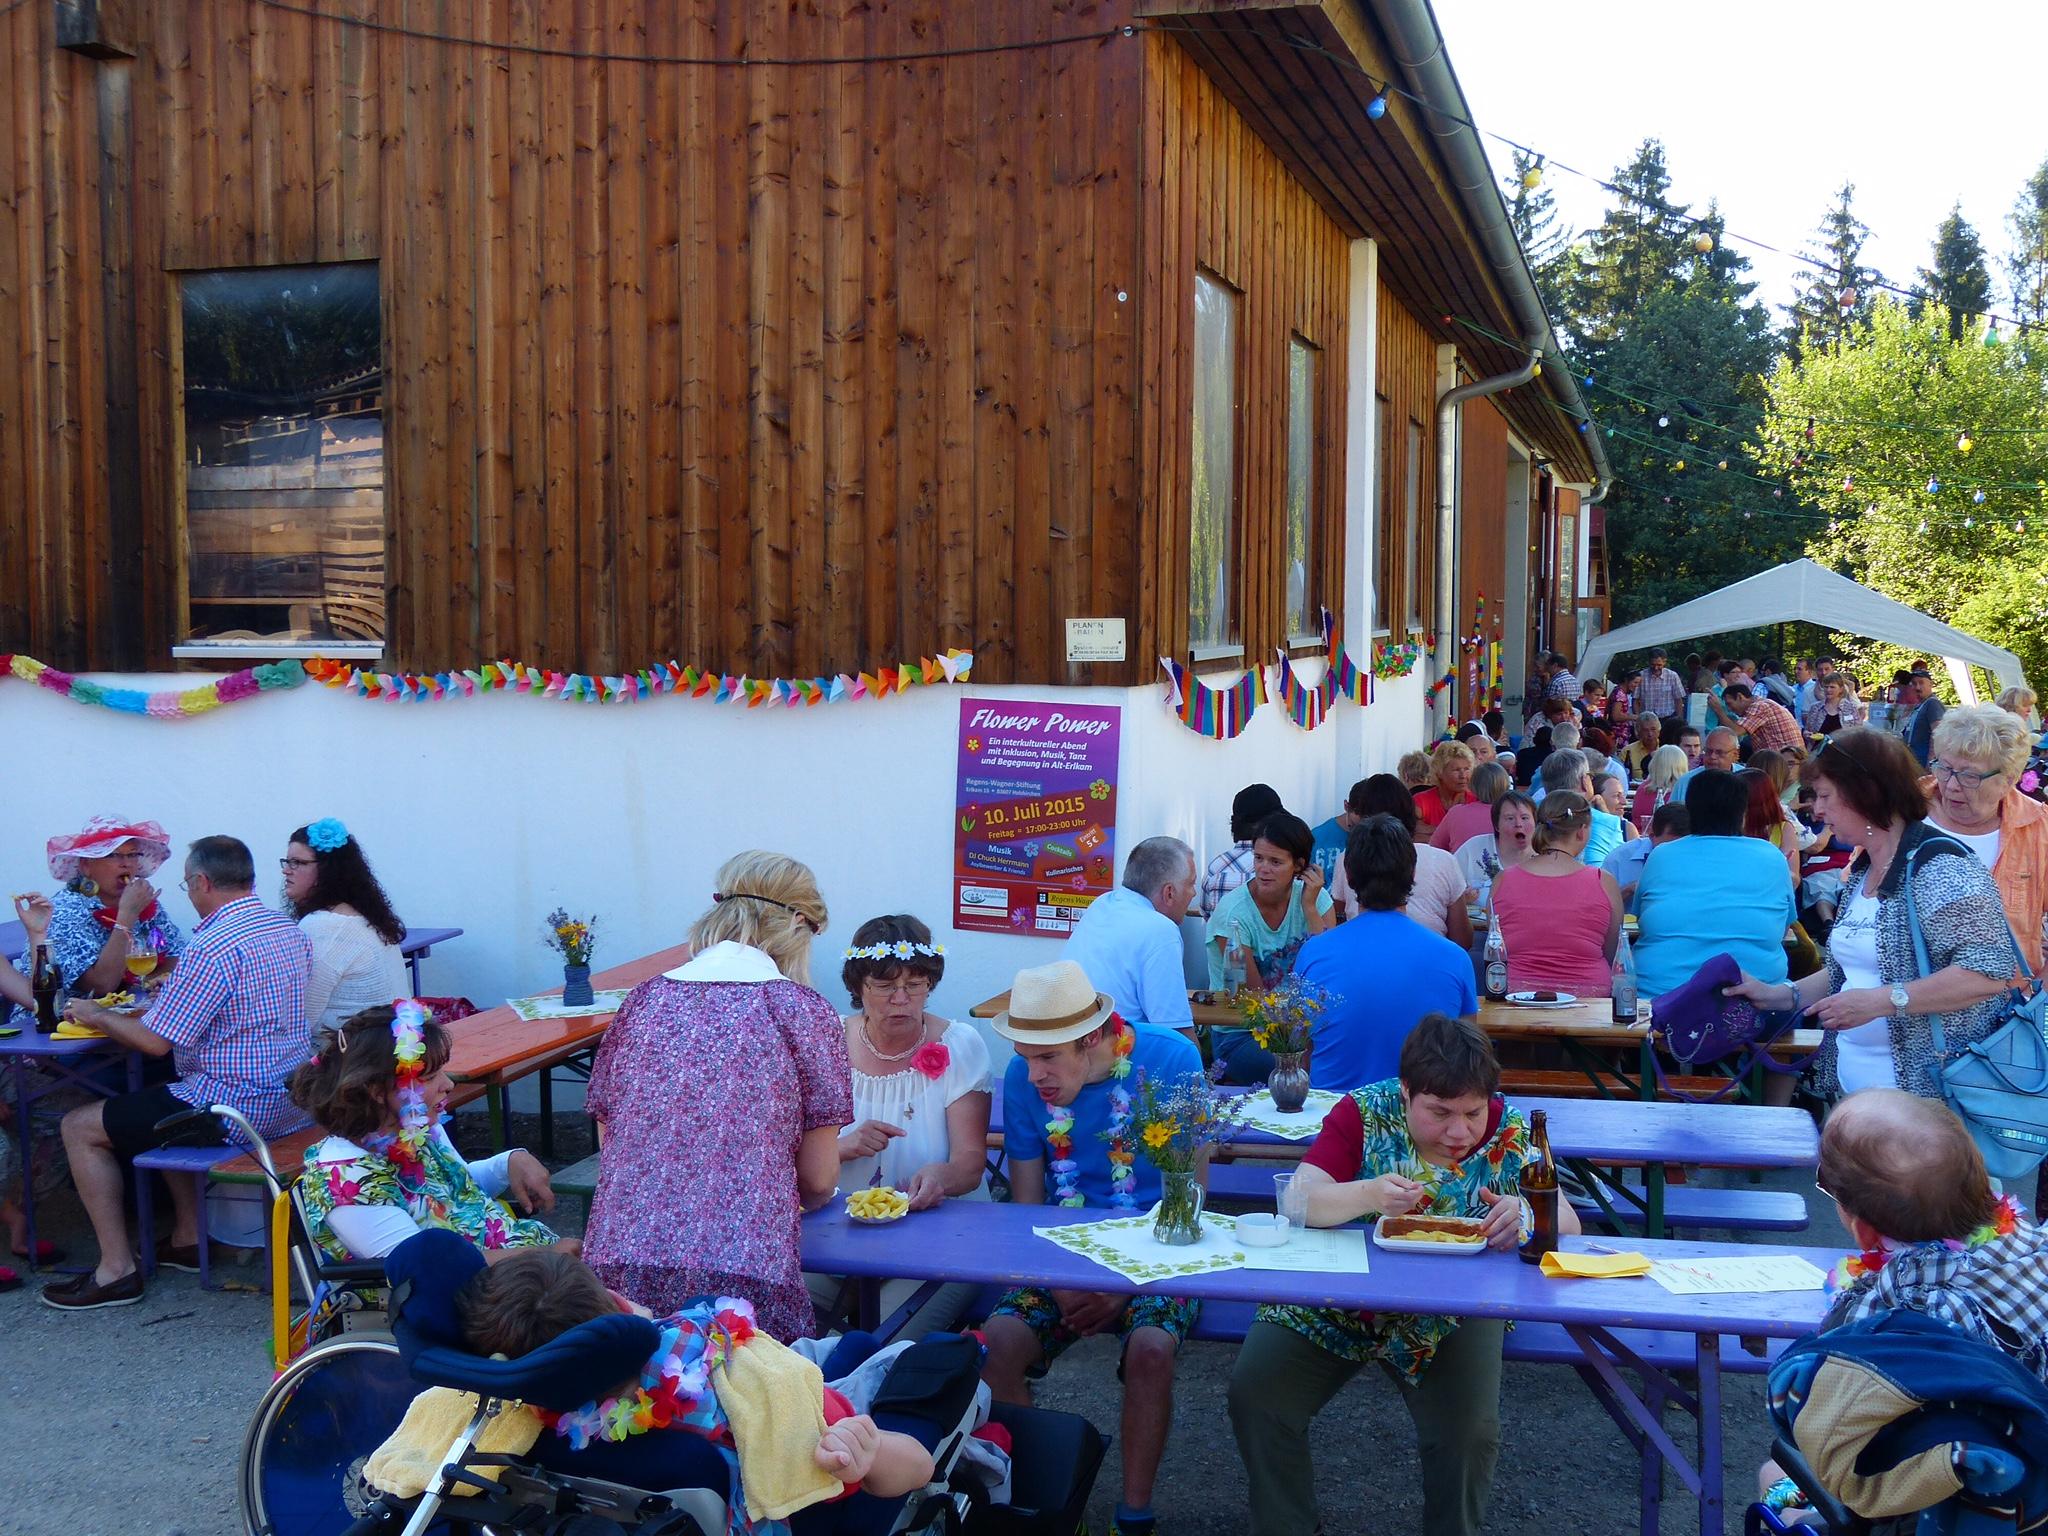 Sommerfest Regens Wagner 2015